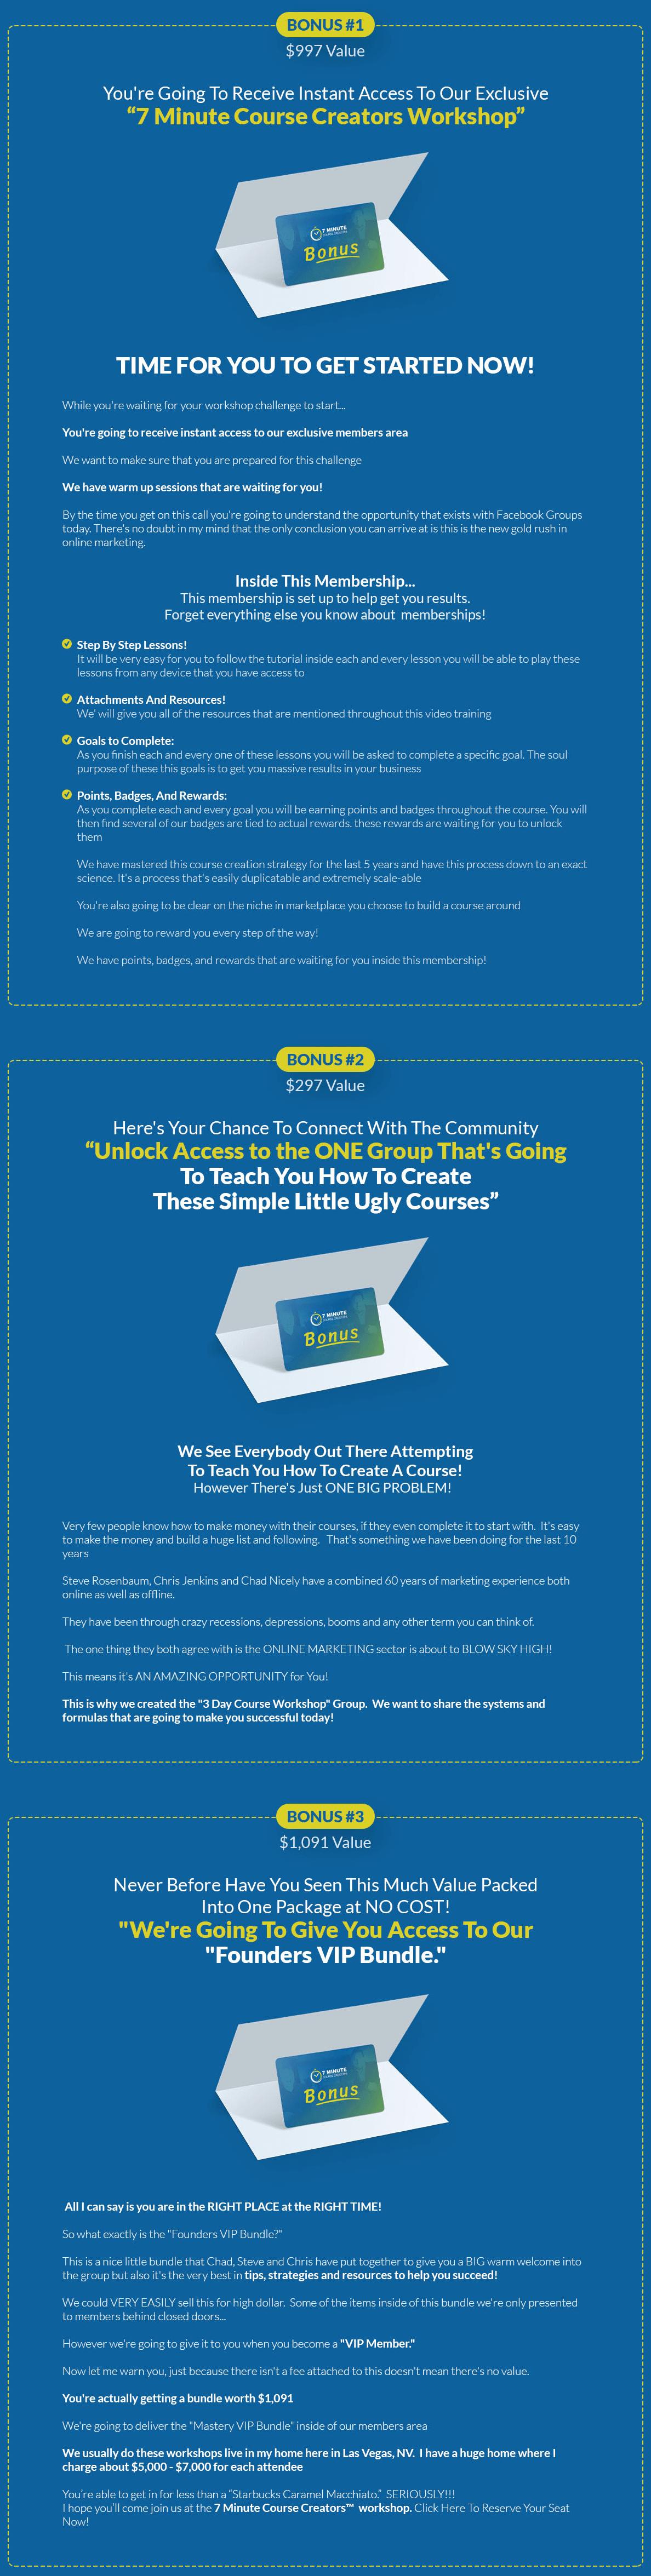 7-Minute-Course-Creators-bonus